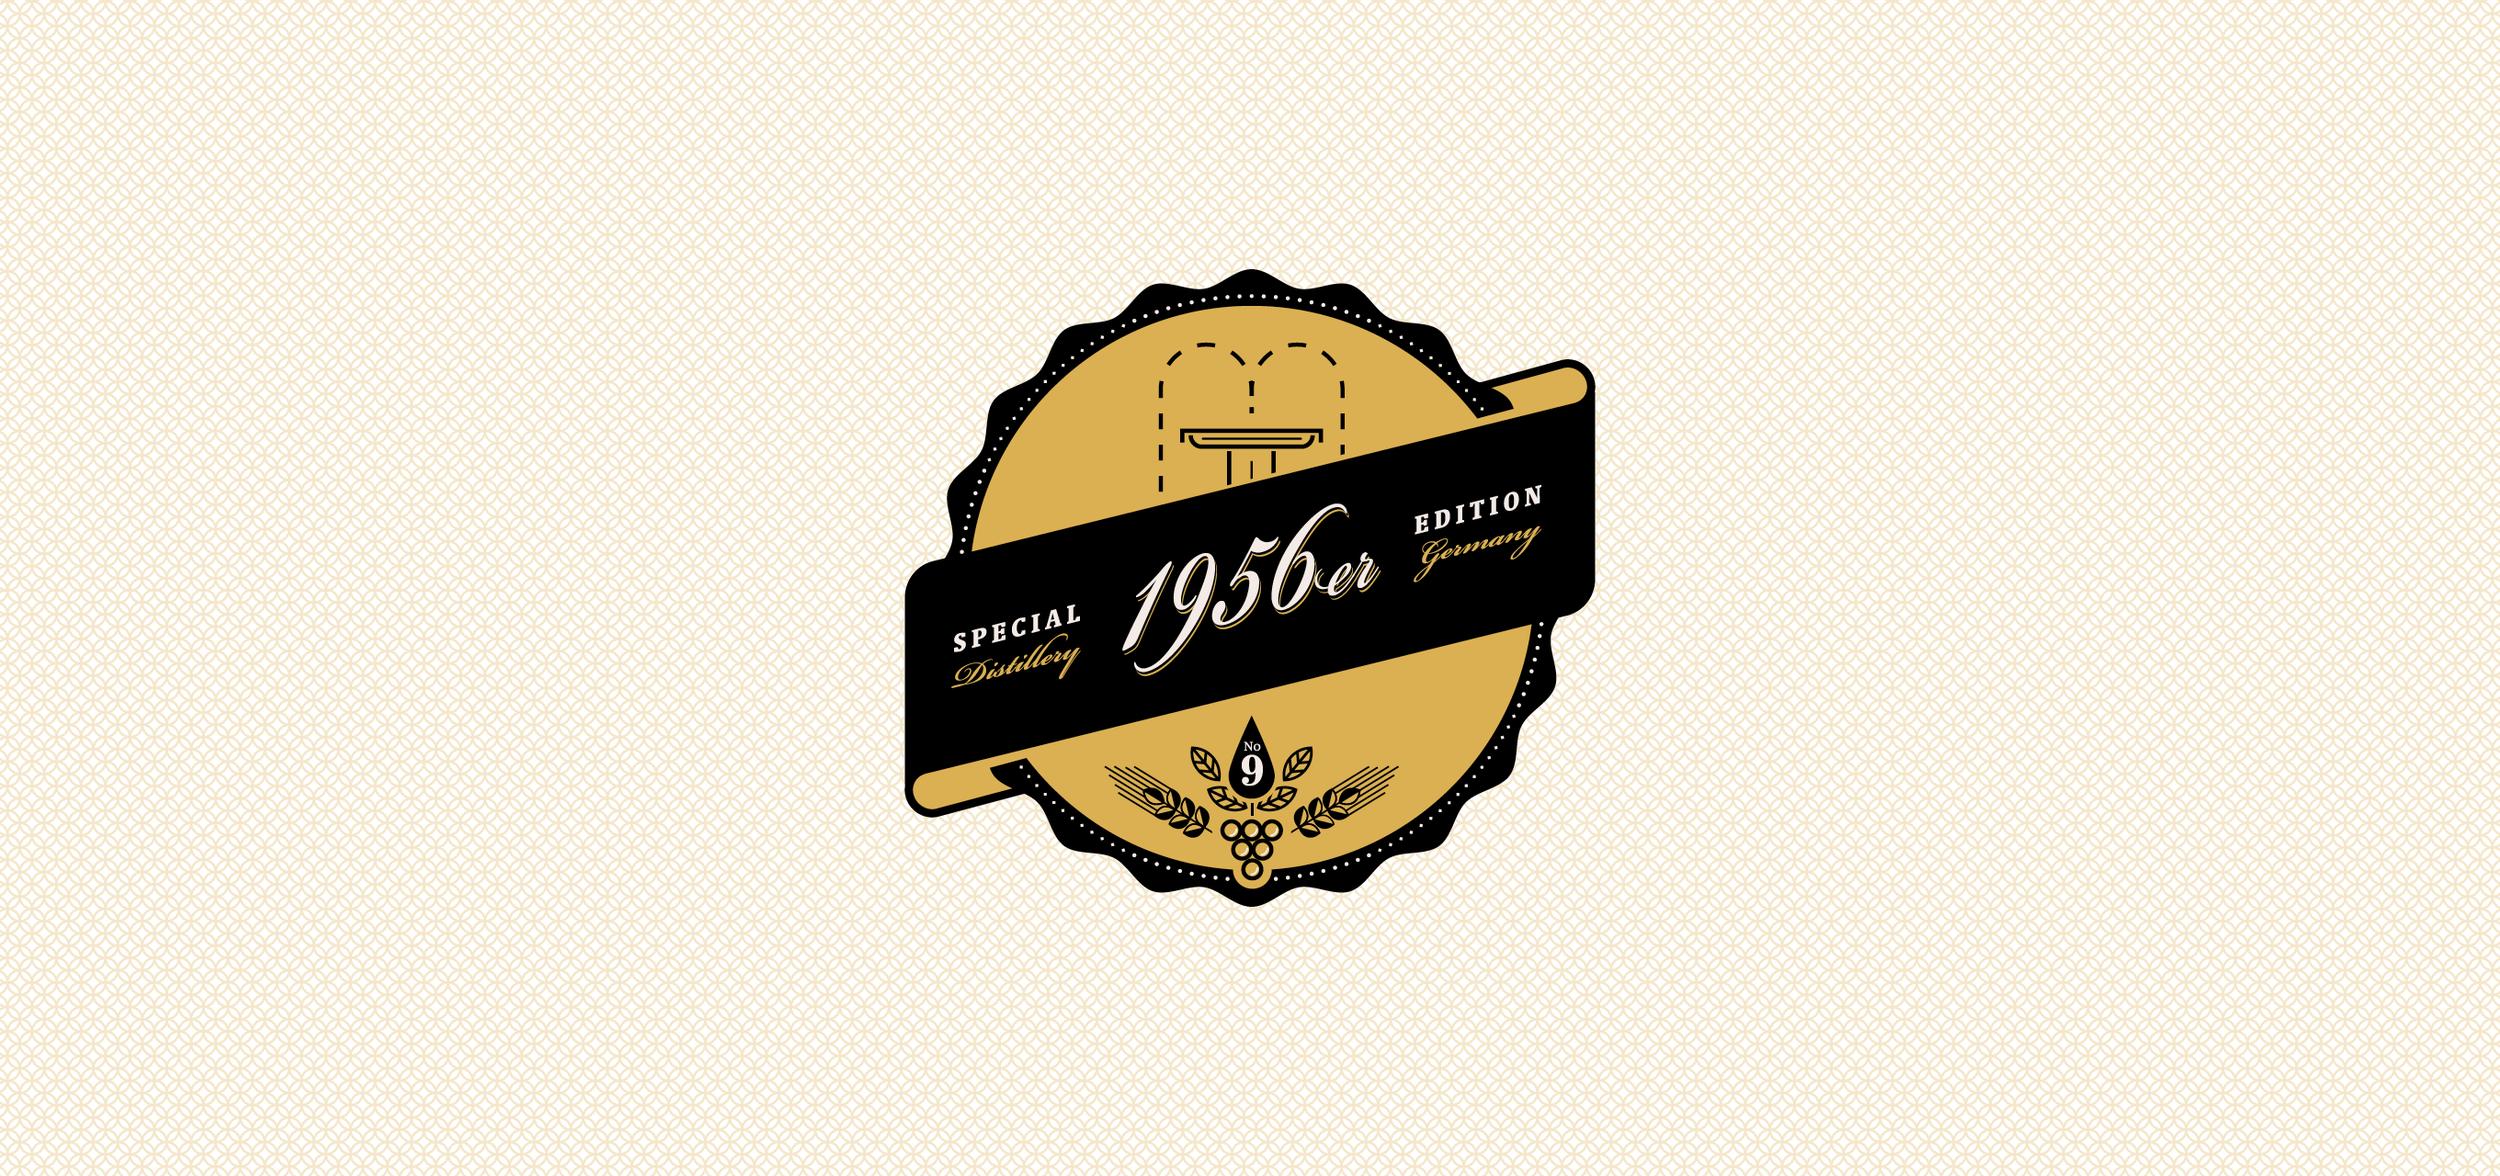 Entwicklung eines Logos für einen 1956er Single Malt Whisky aus dem Hause No. 9 The Nine Springs von den sons of ipanema, einer Grafikdesign Agentur aus Köln